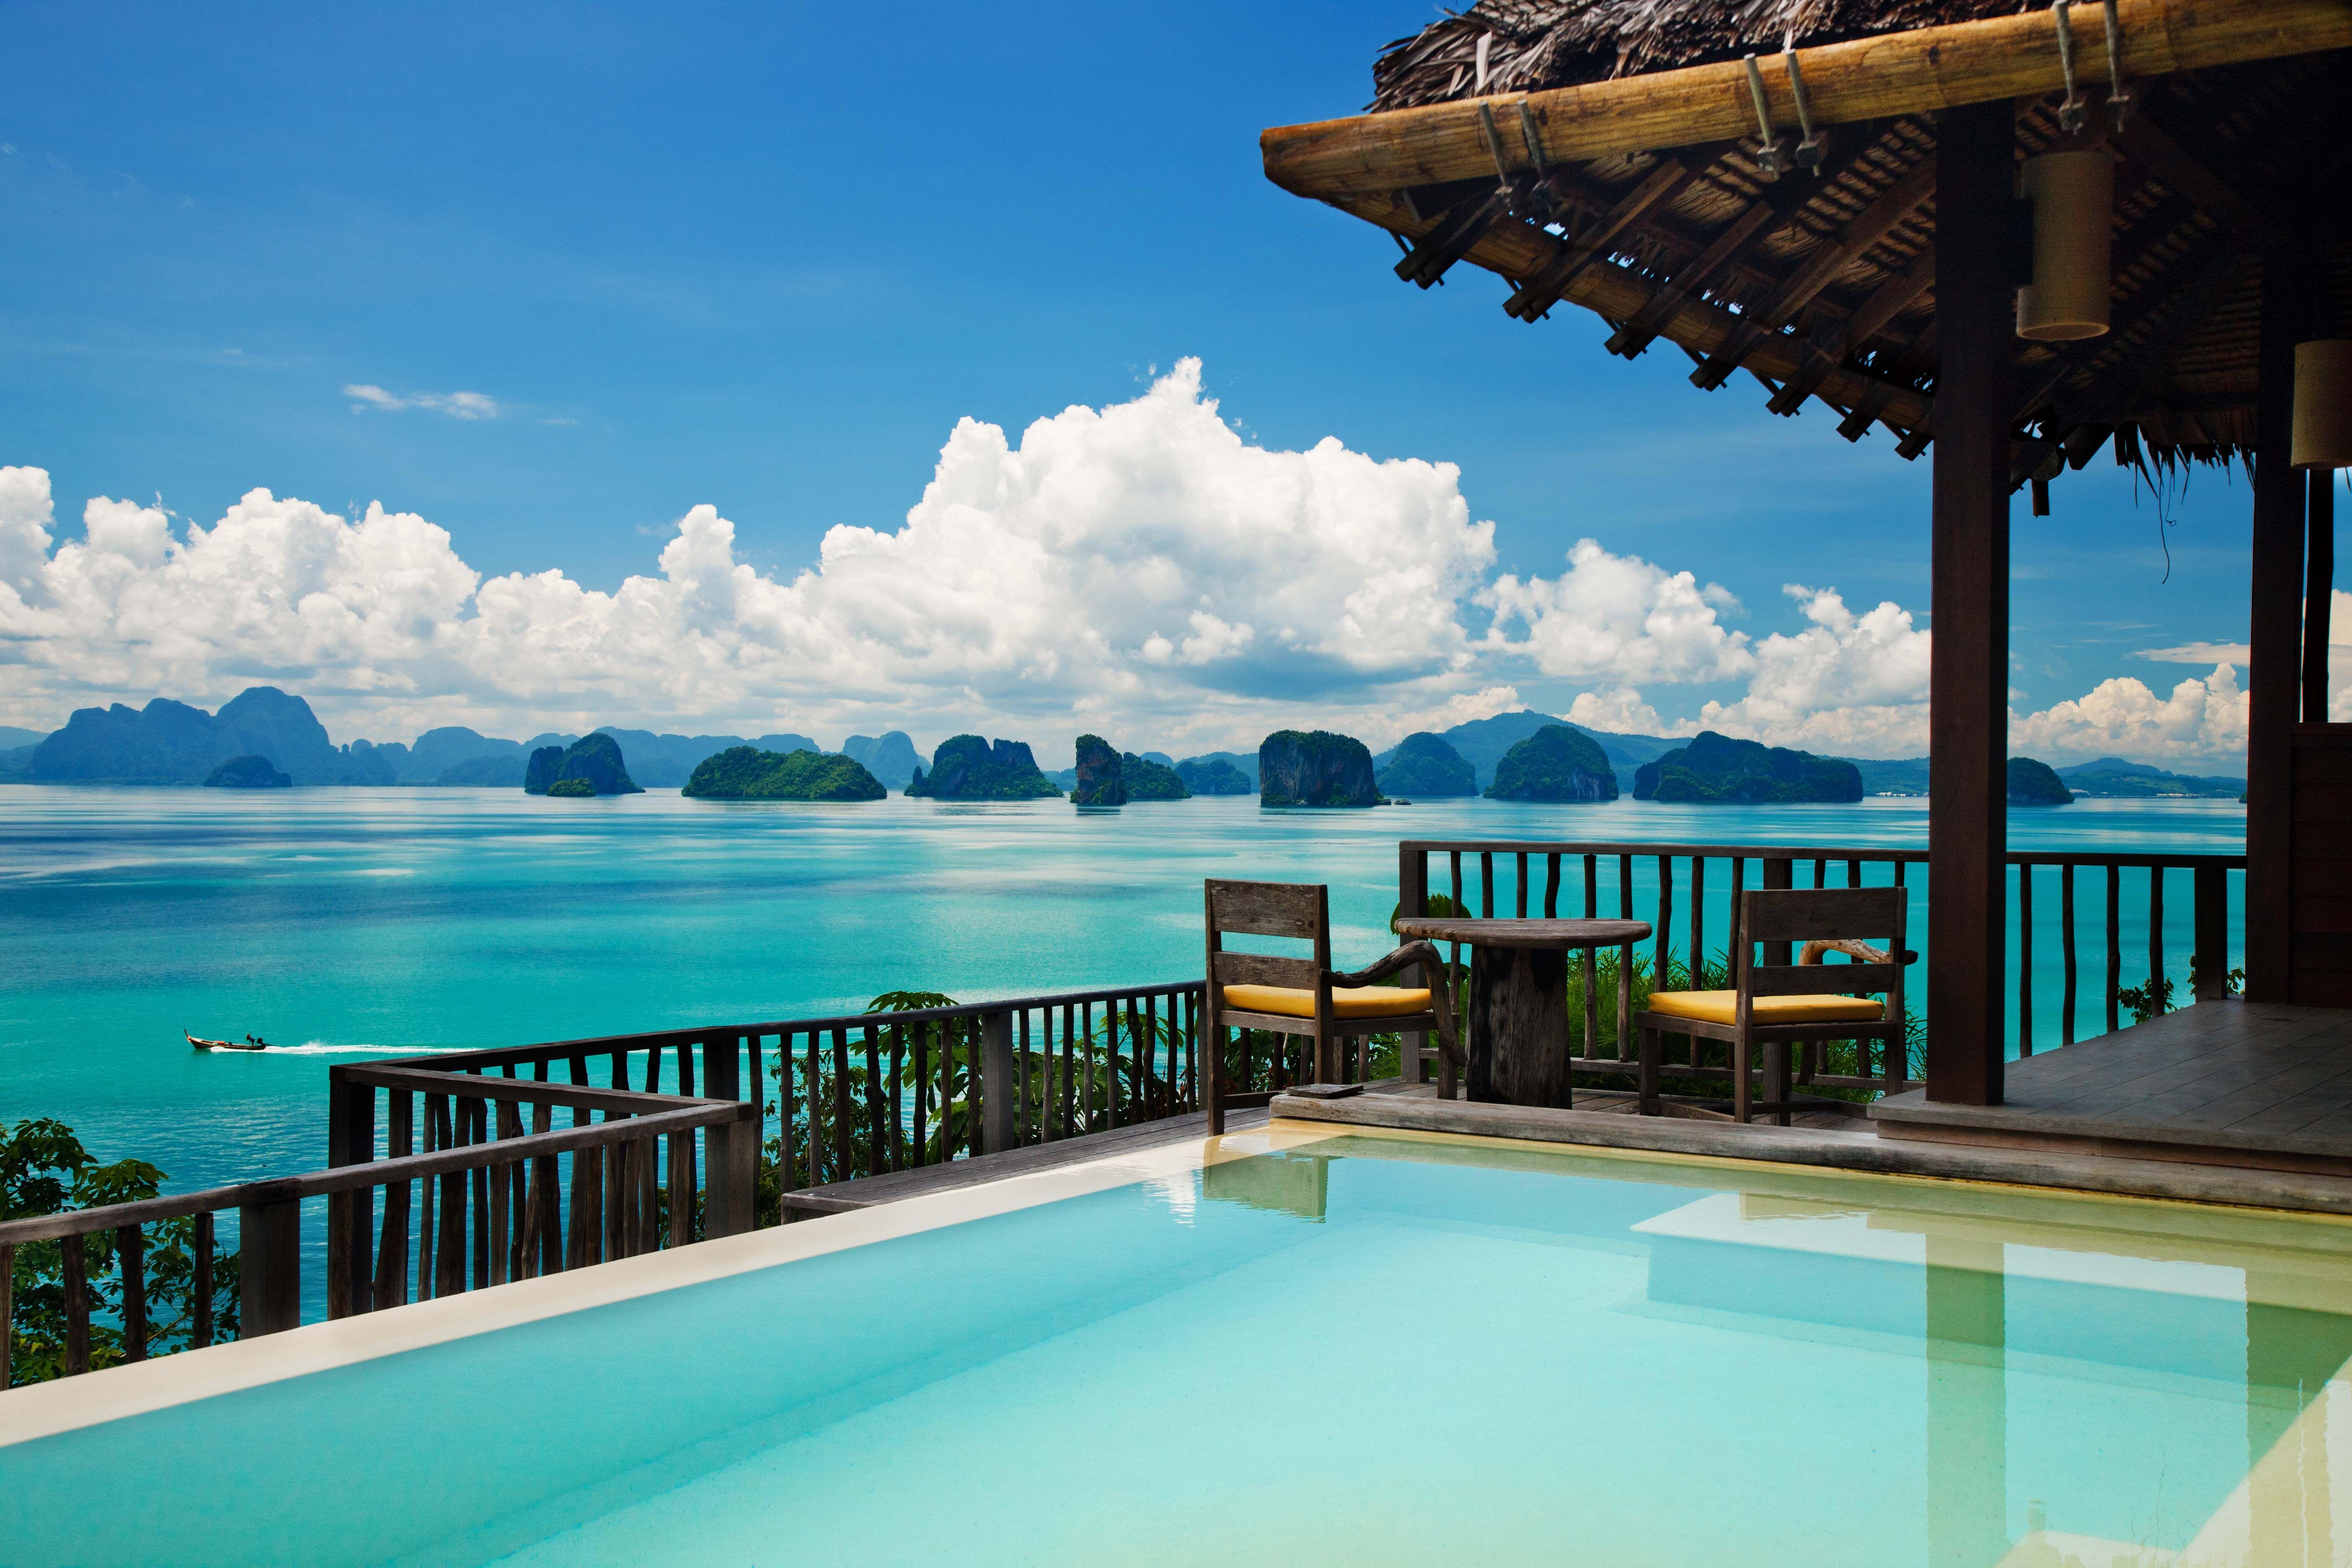 Urlaub auf die schönste Art und Weise. Sommer, Insel , Meer, türkises Wasser, Summer, Sunshine, Vacation. ©EWTC